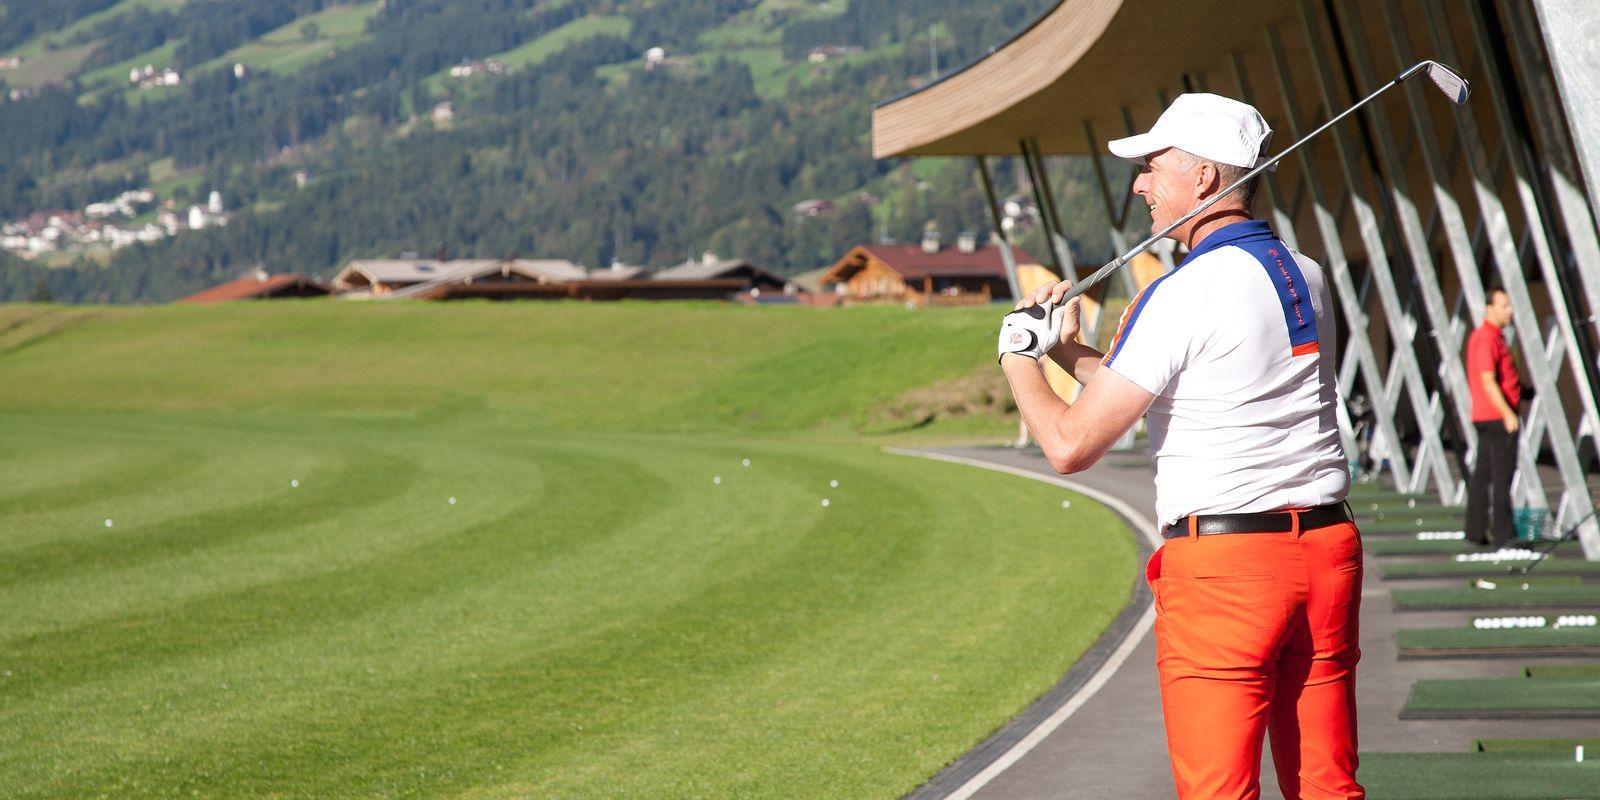 Golfplatz Zillertal | © Zillertaltourismus / Blickfang Photographie